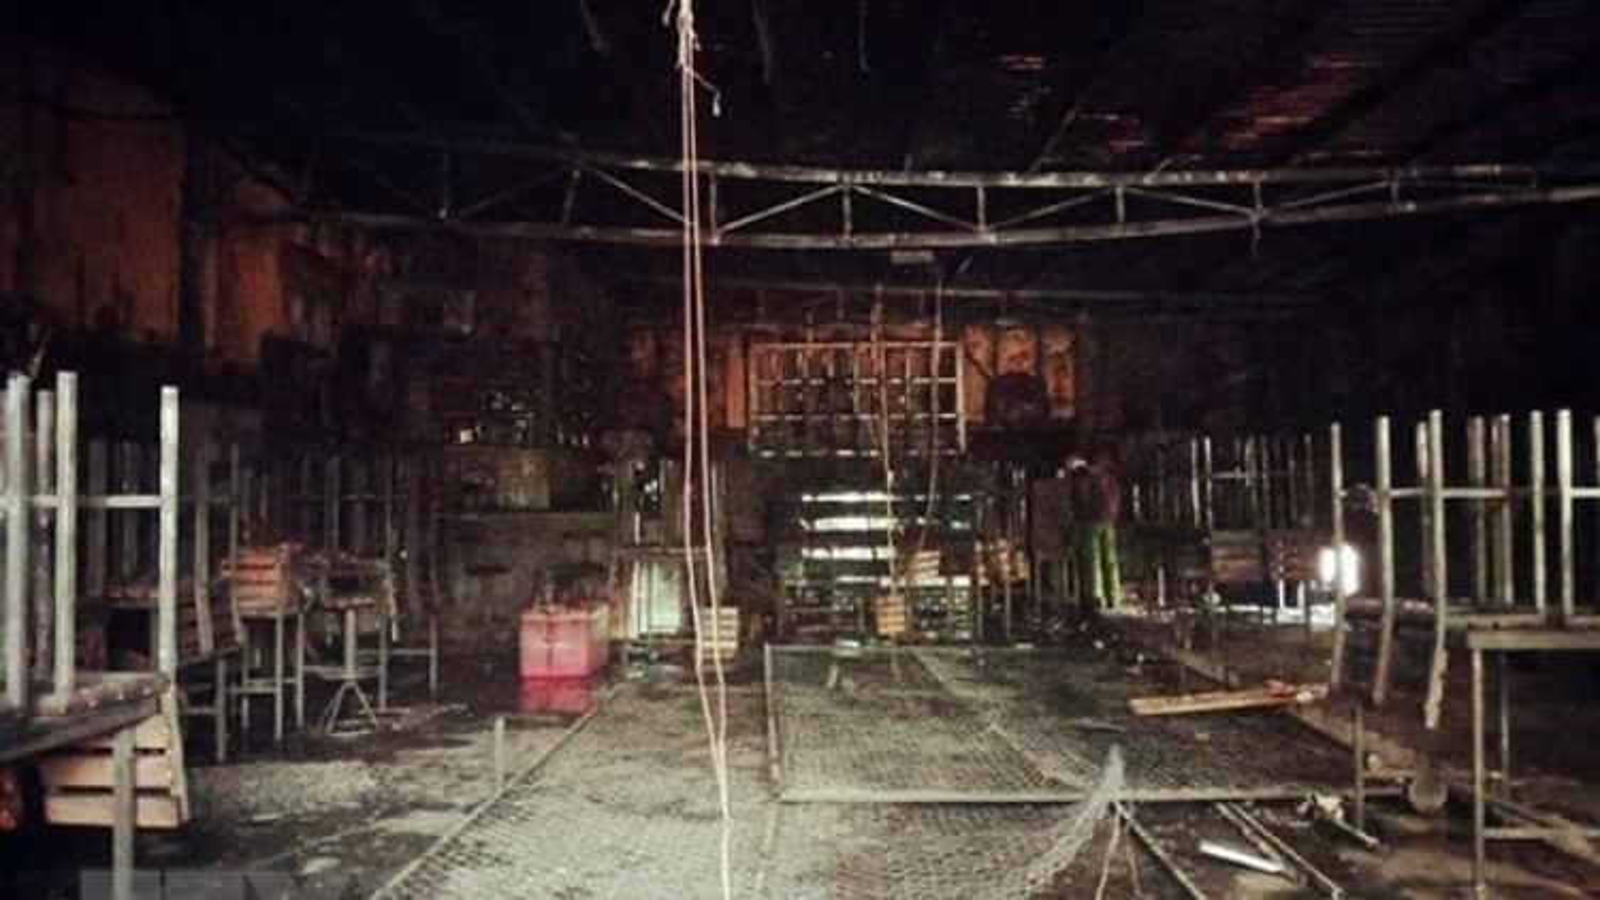 Dong Nai: renovated restaurant fire kills 6, injures 1